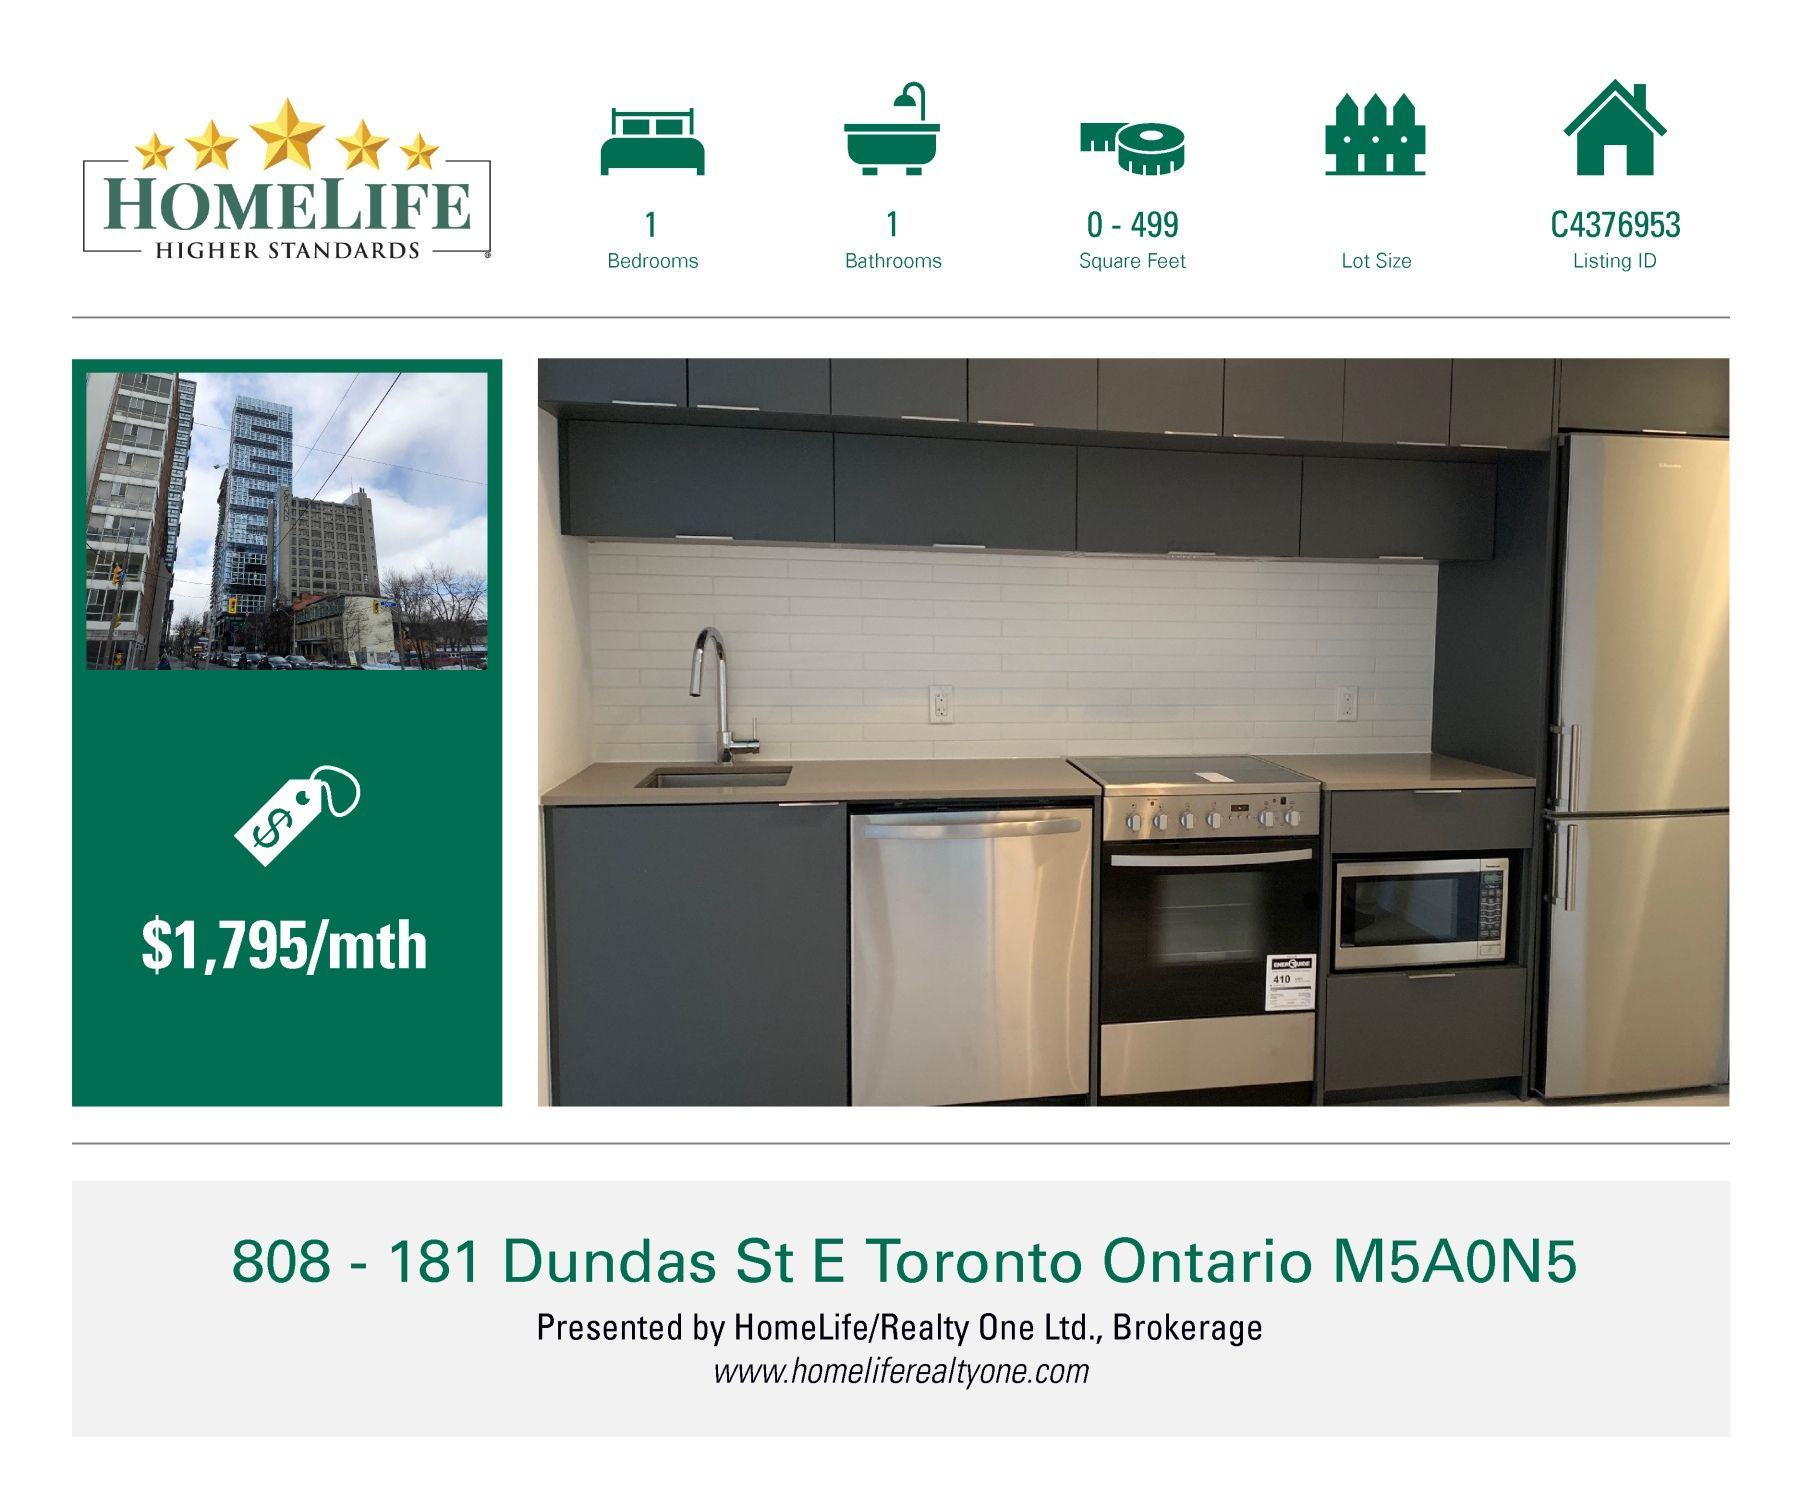 1 Bedroom Condo For Rent!!! 181 Dundas St E, Unit 808